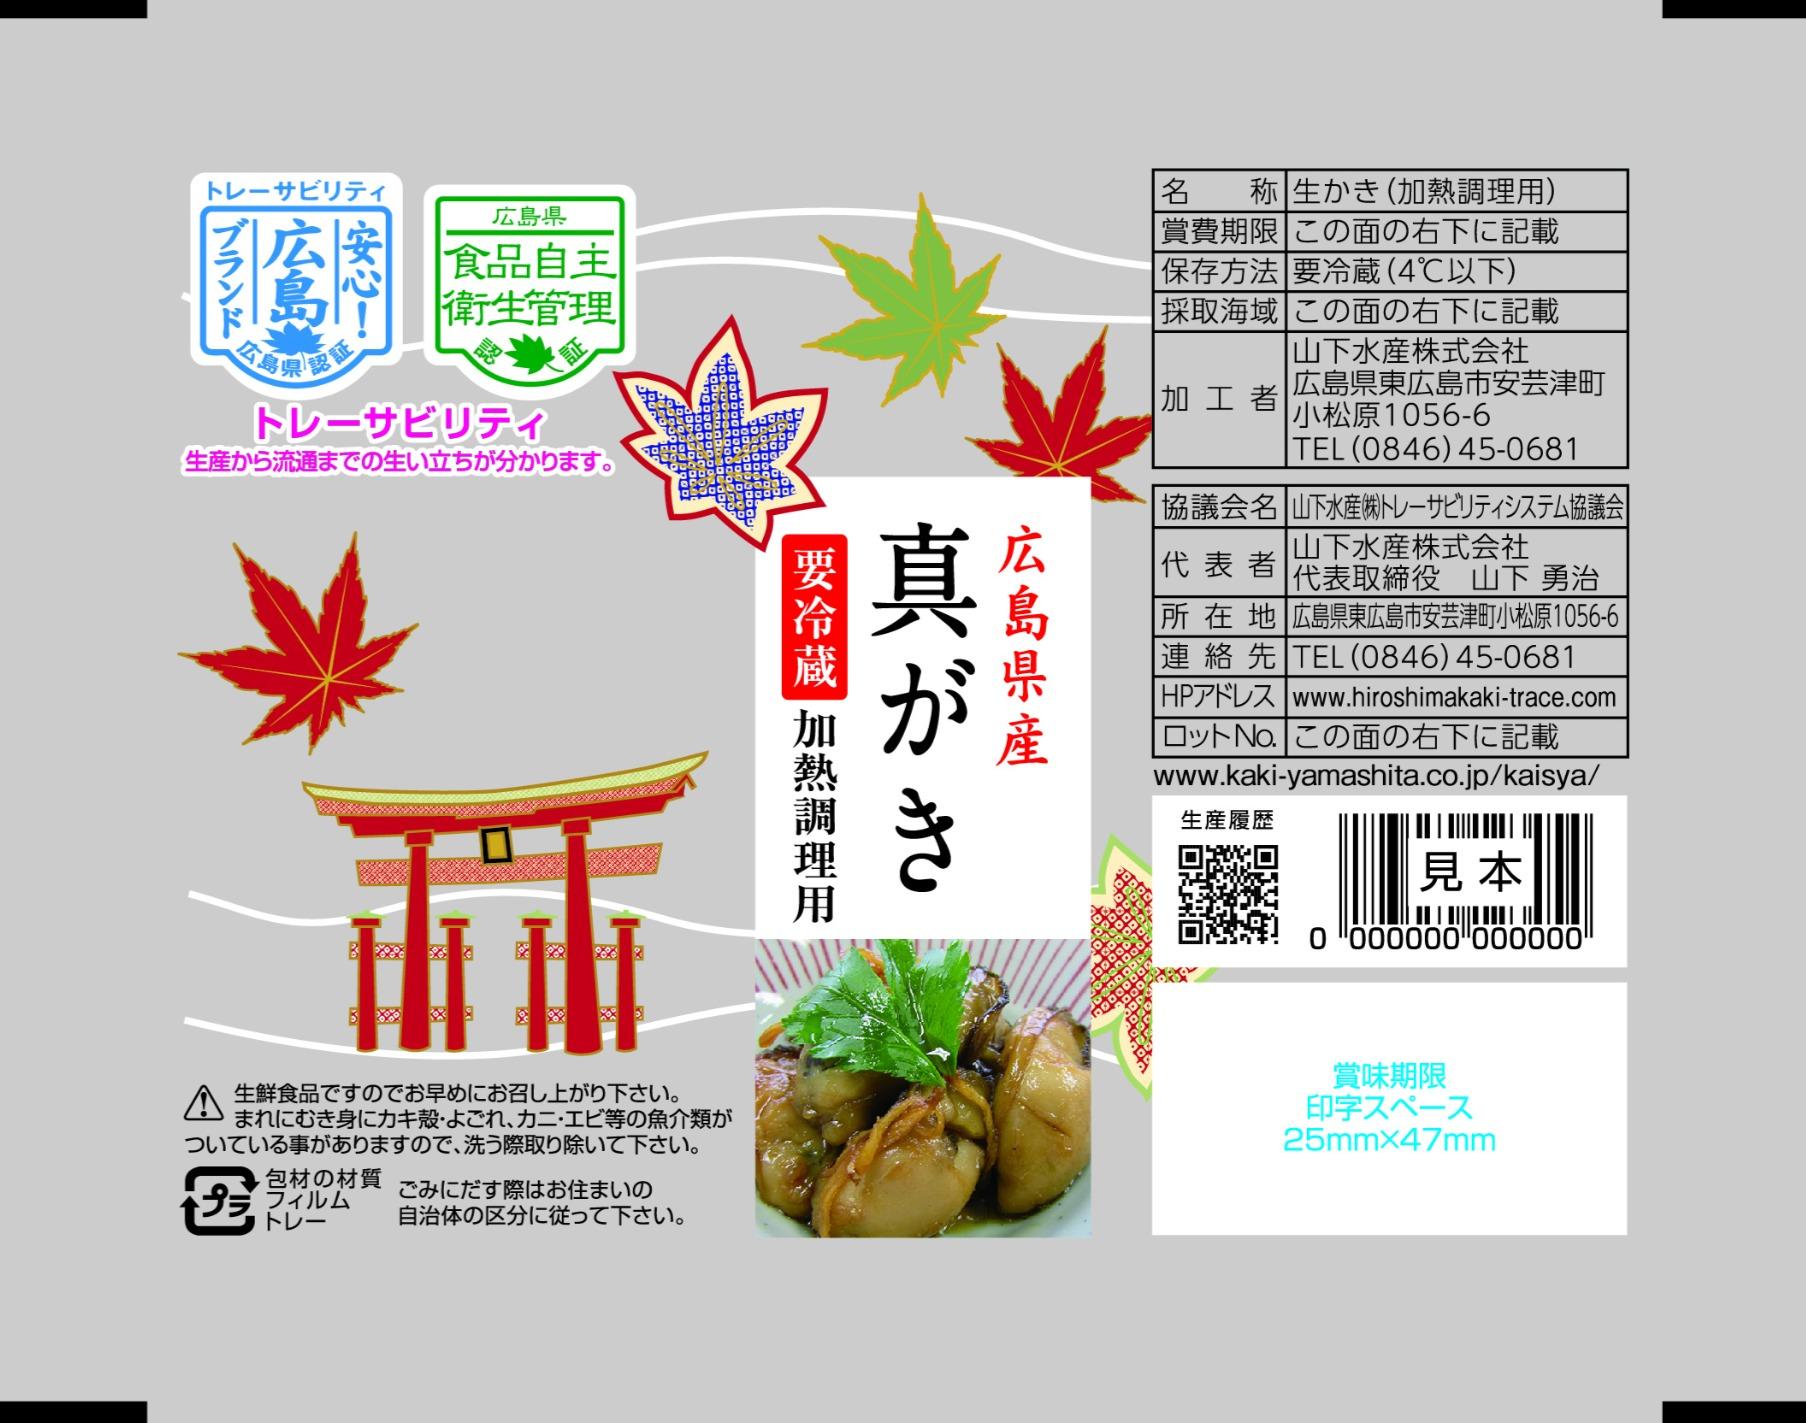 宇都宮パック「広島県産真がき」(山下水産)パッケージ